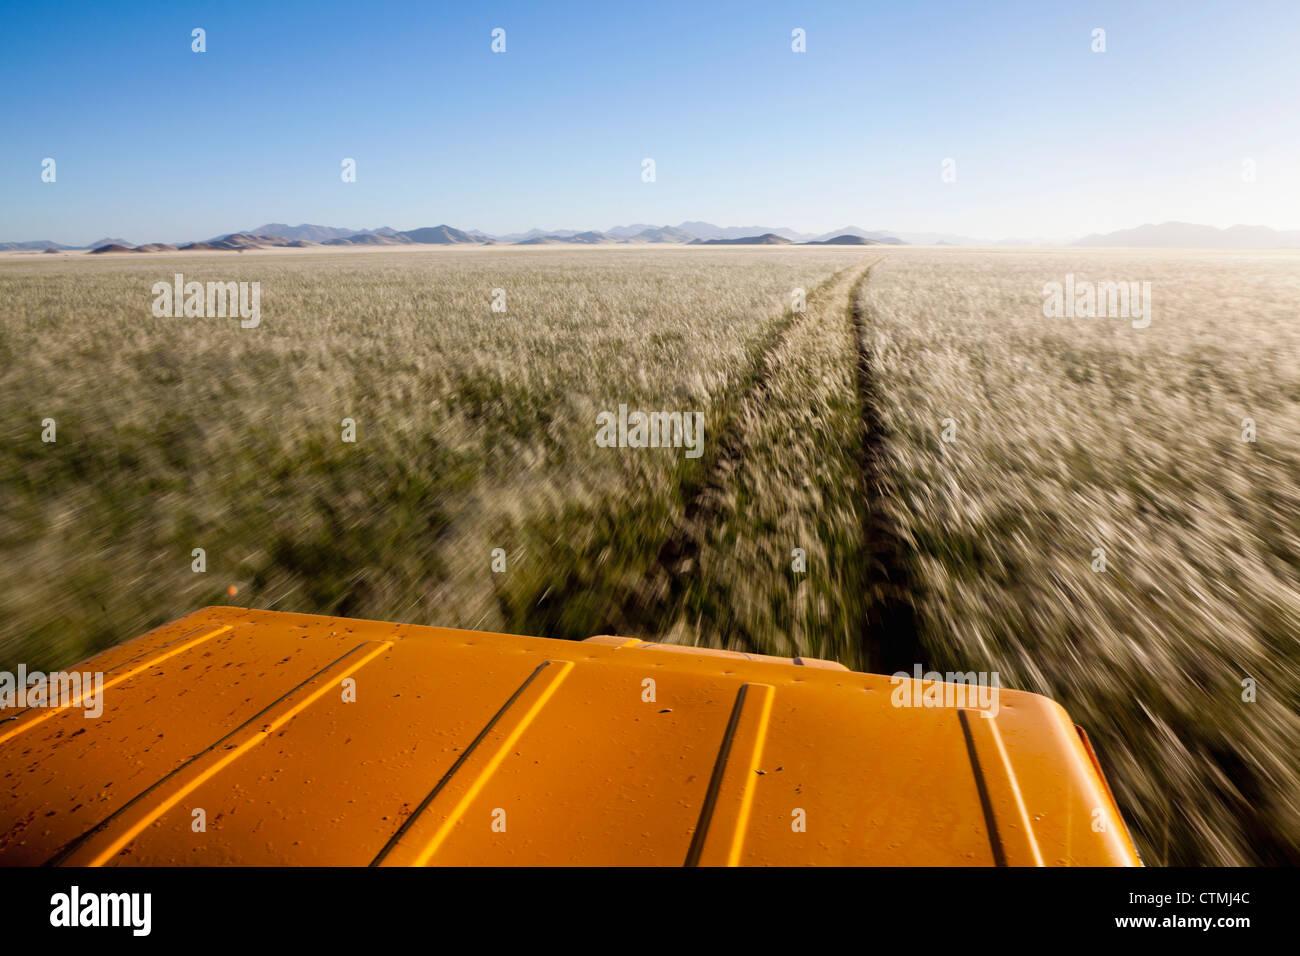 4x4 driving through endless expanse of Namibian grasslands, Namib Rand, Namibia - Stock Image